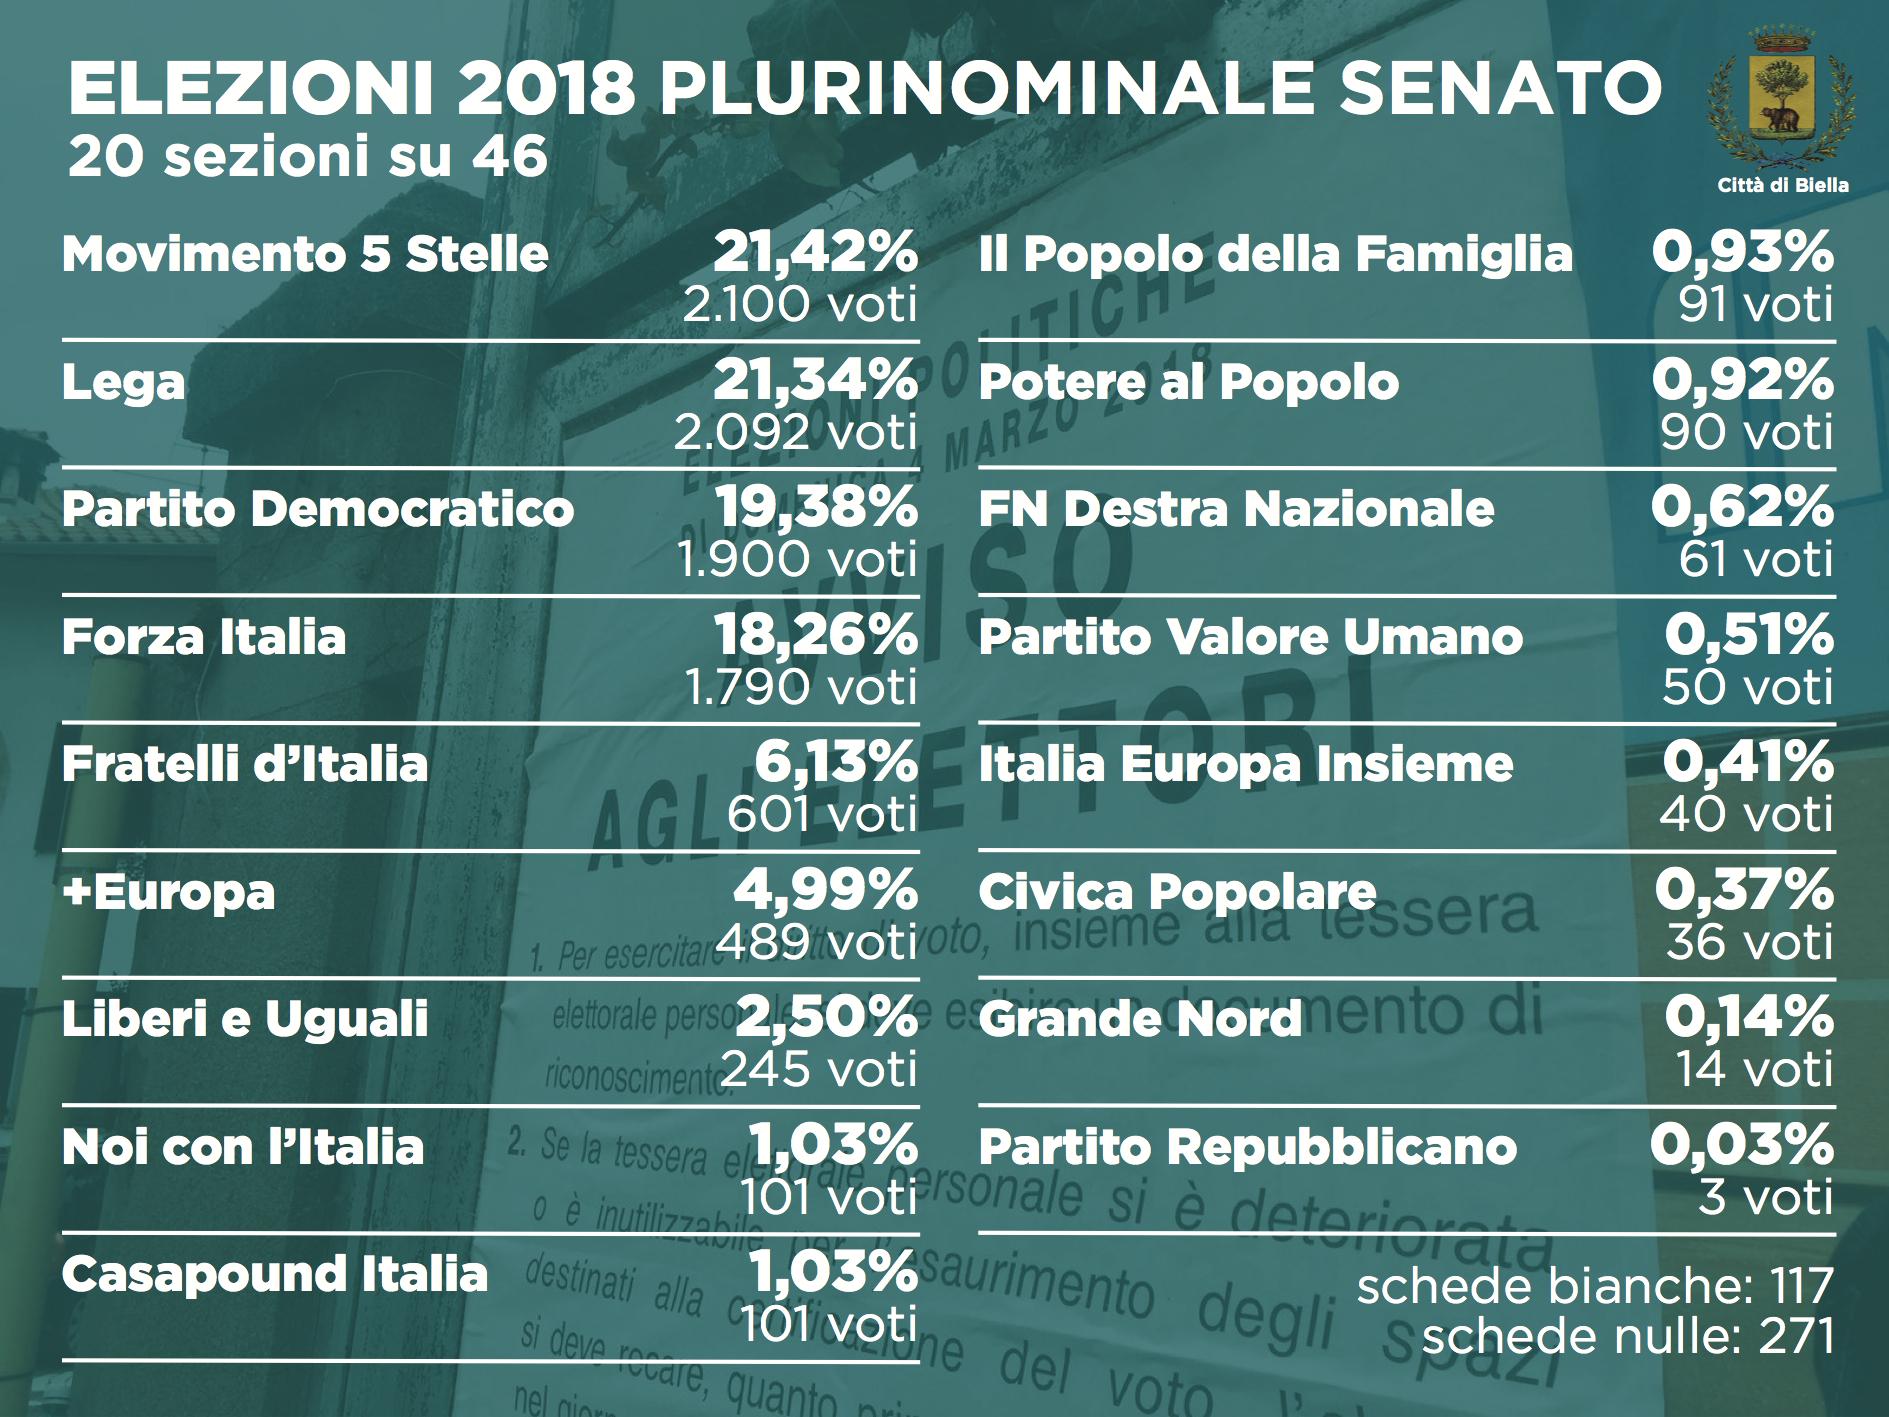 Elezioni 2018: i dati del plurinominale al Senato (20 sezioni su 46)